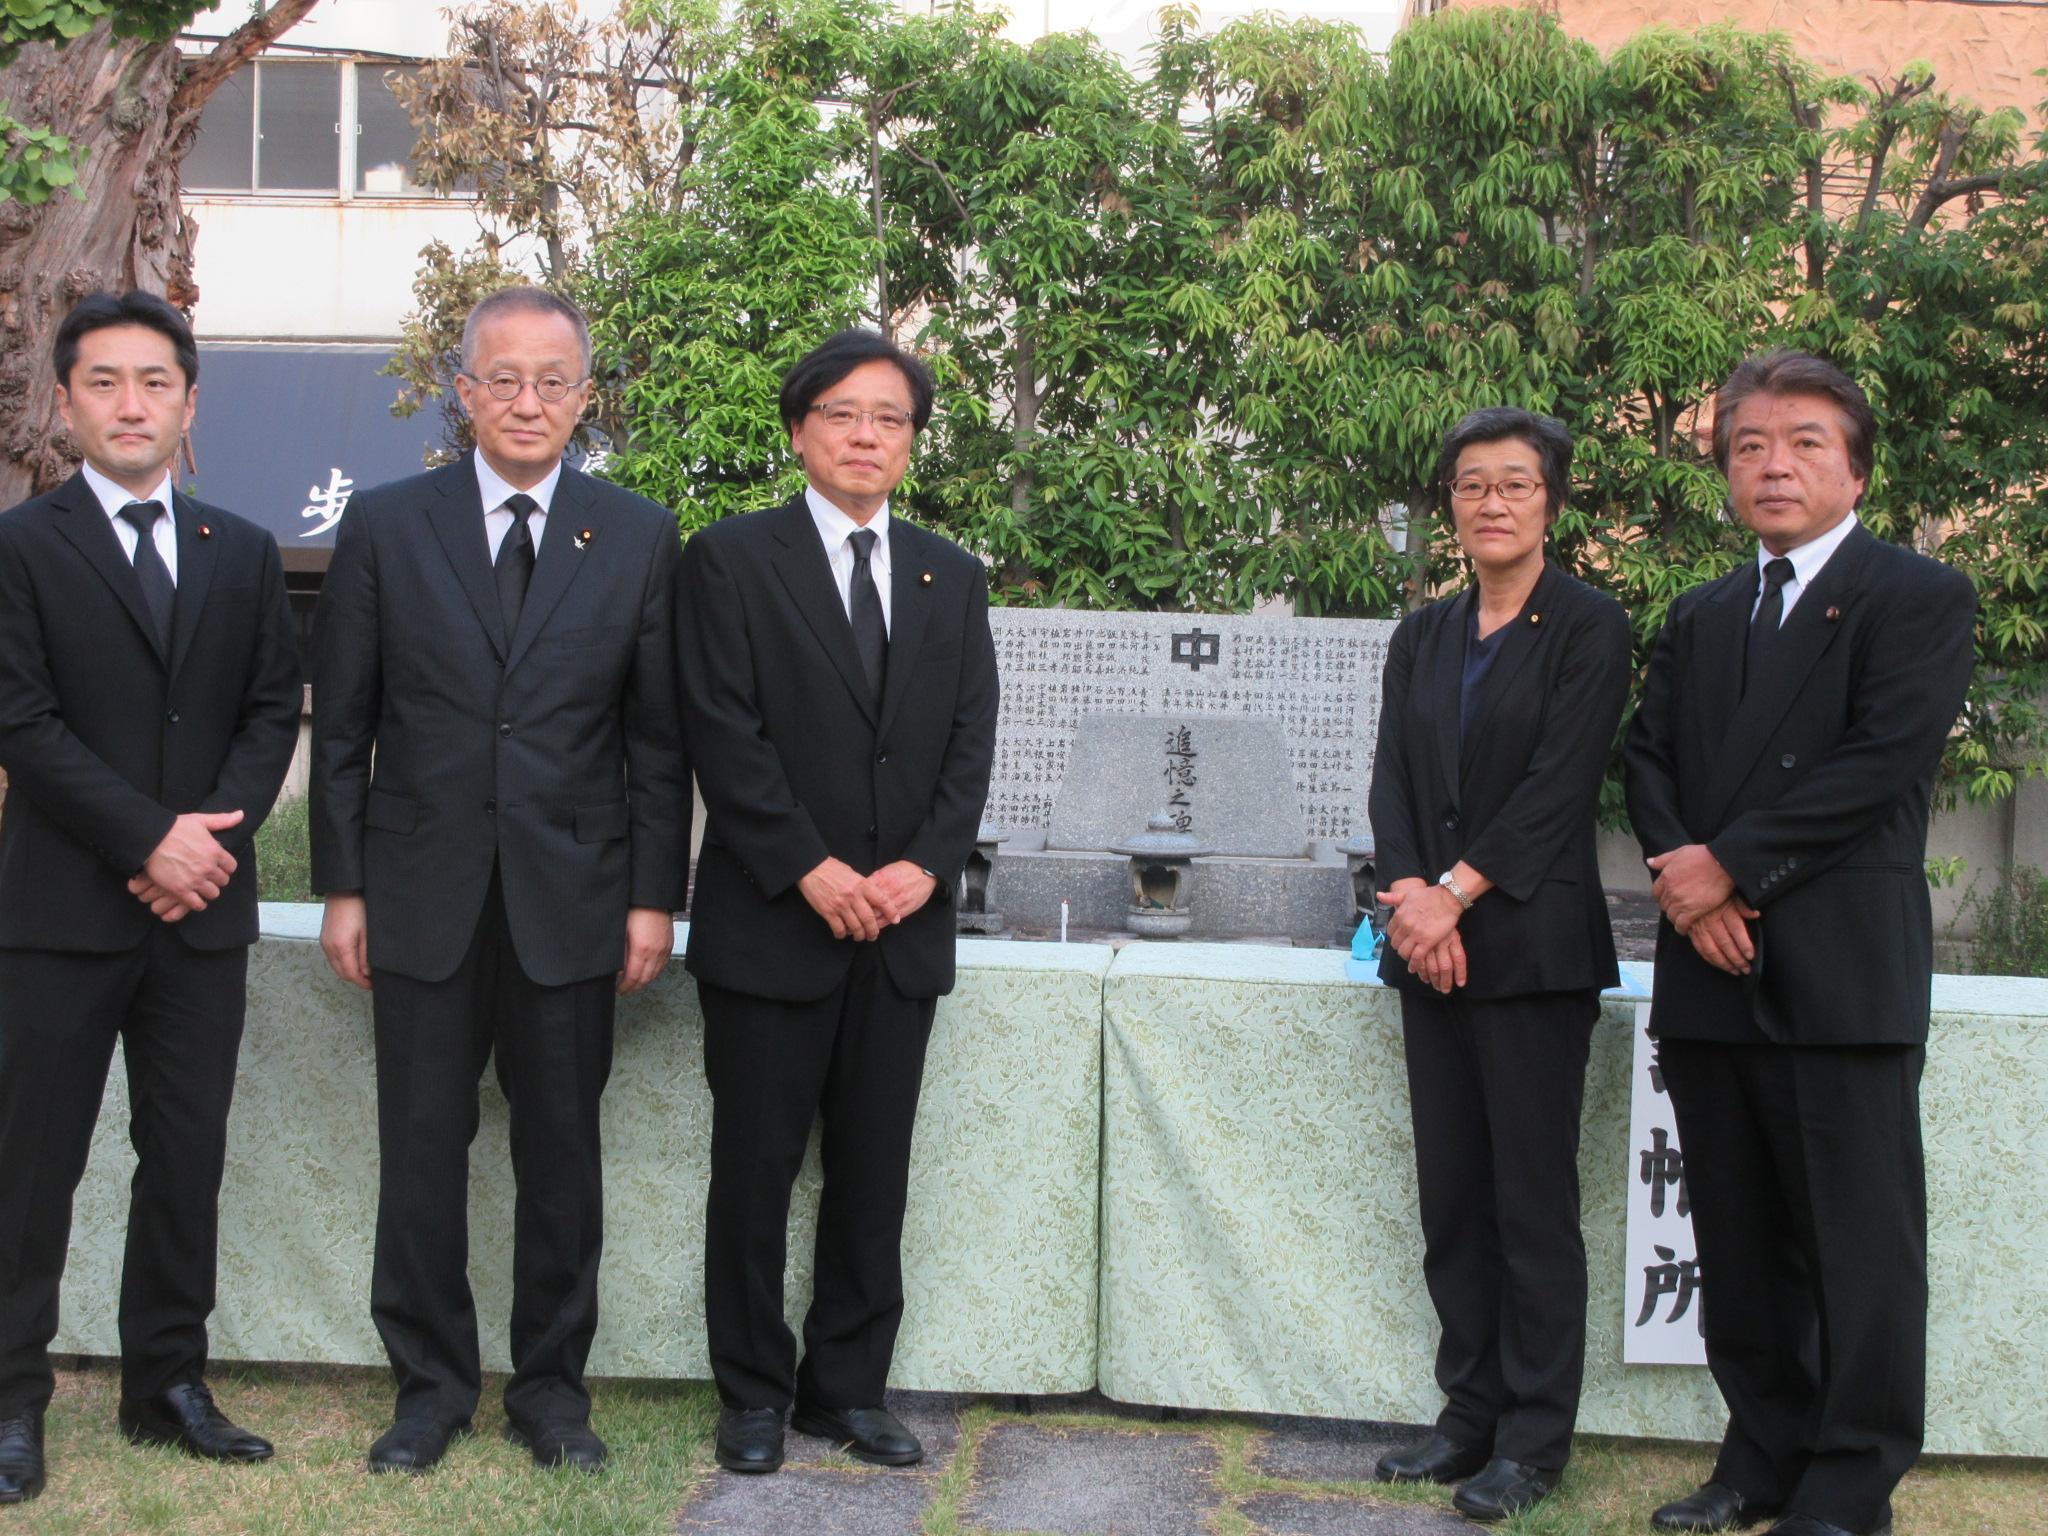 http://www.inoue-satoshi.com/diary/IMG_5816.JPG